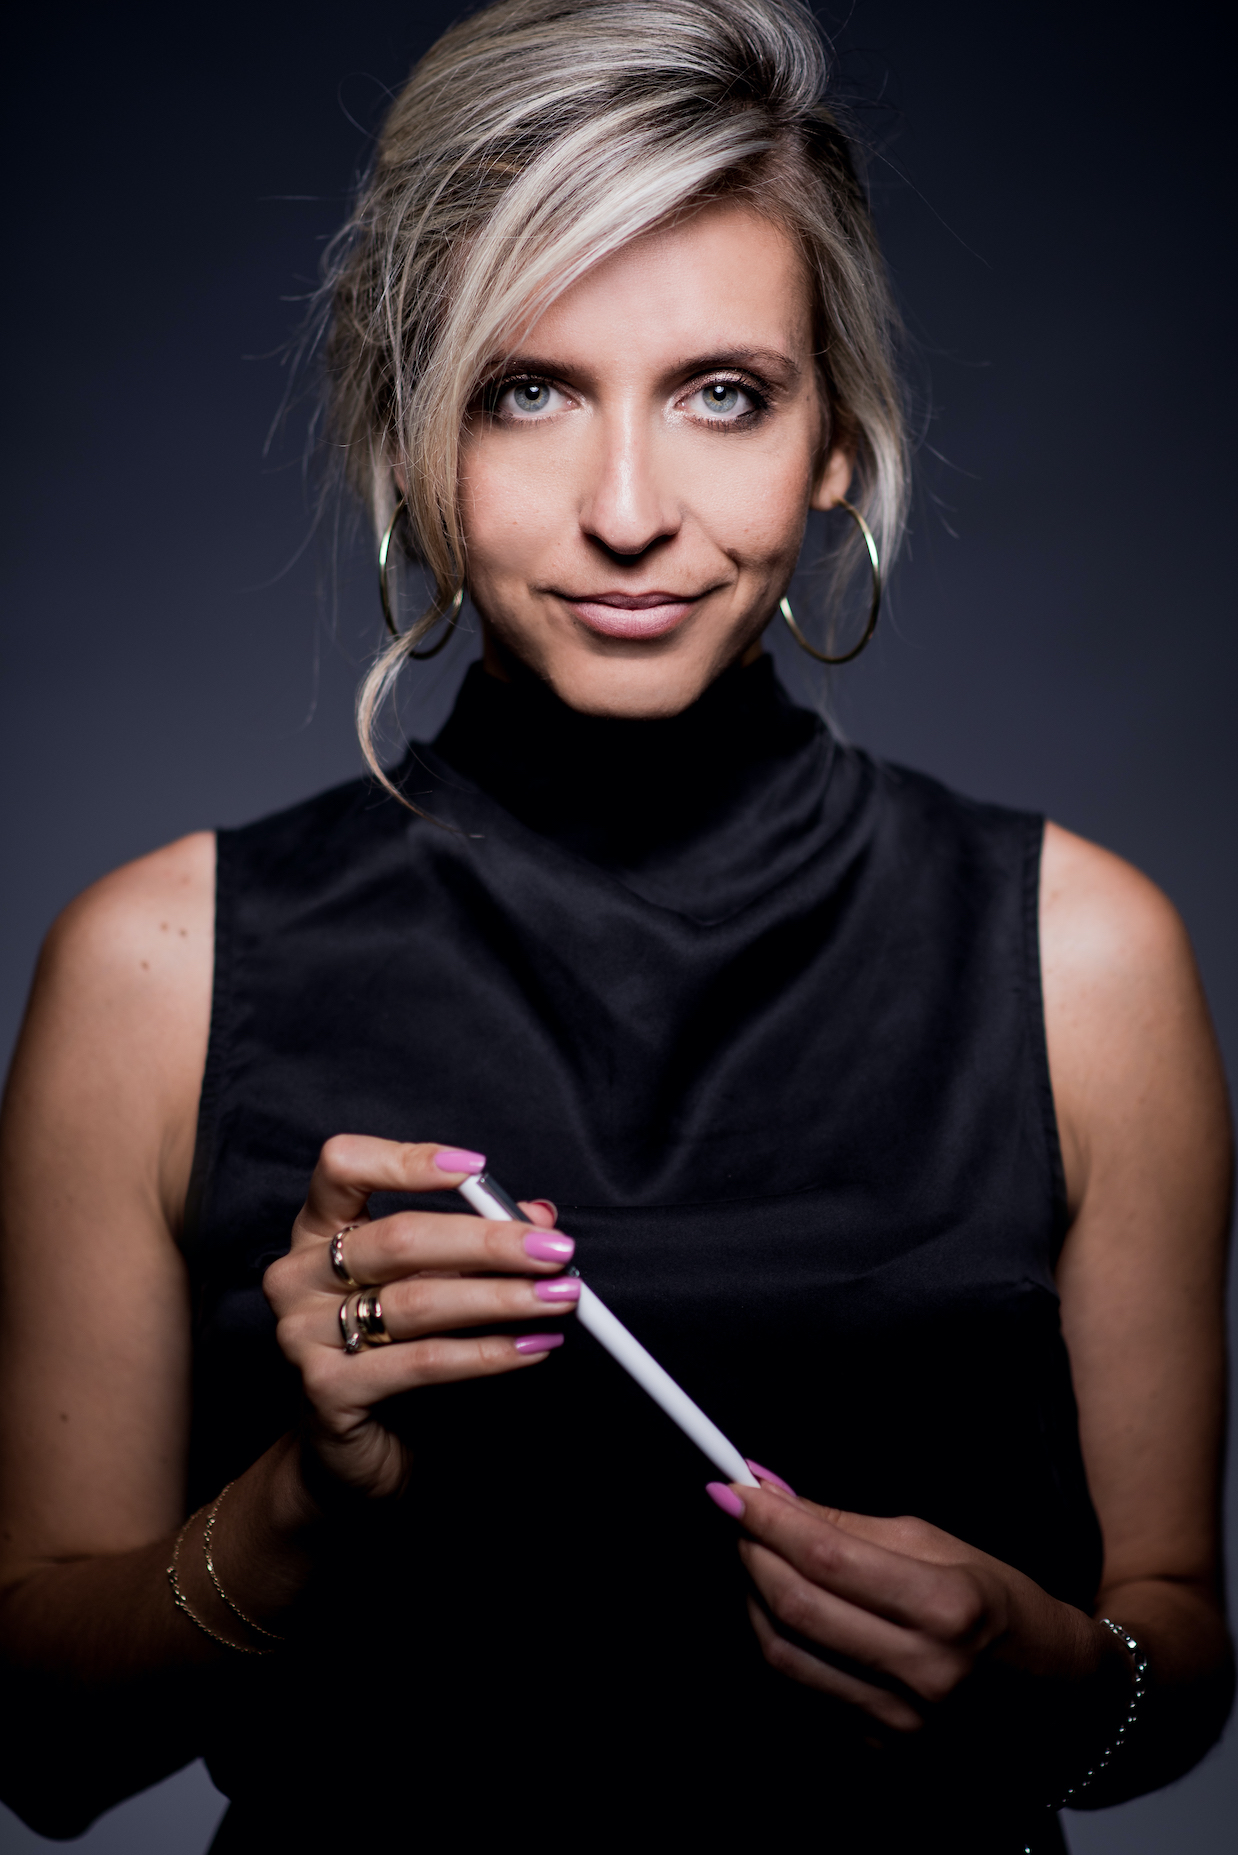 Persönlichkeitscoach - Miriam Nagler